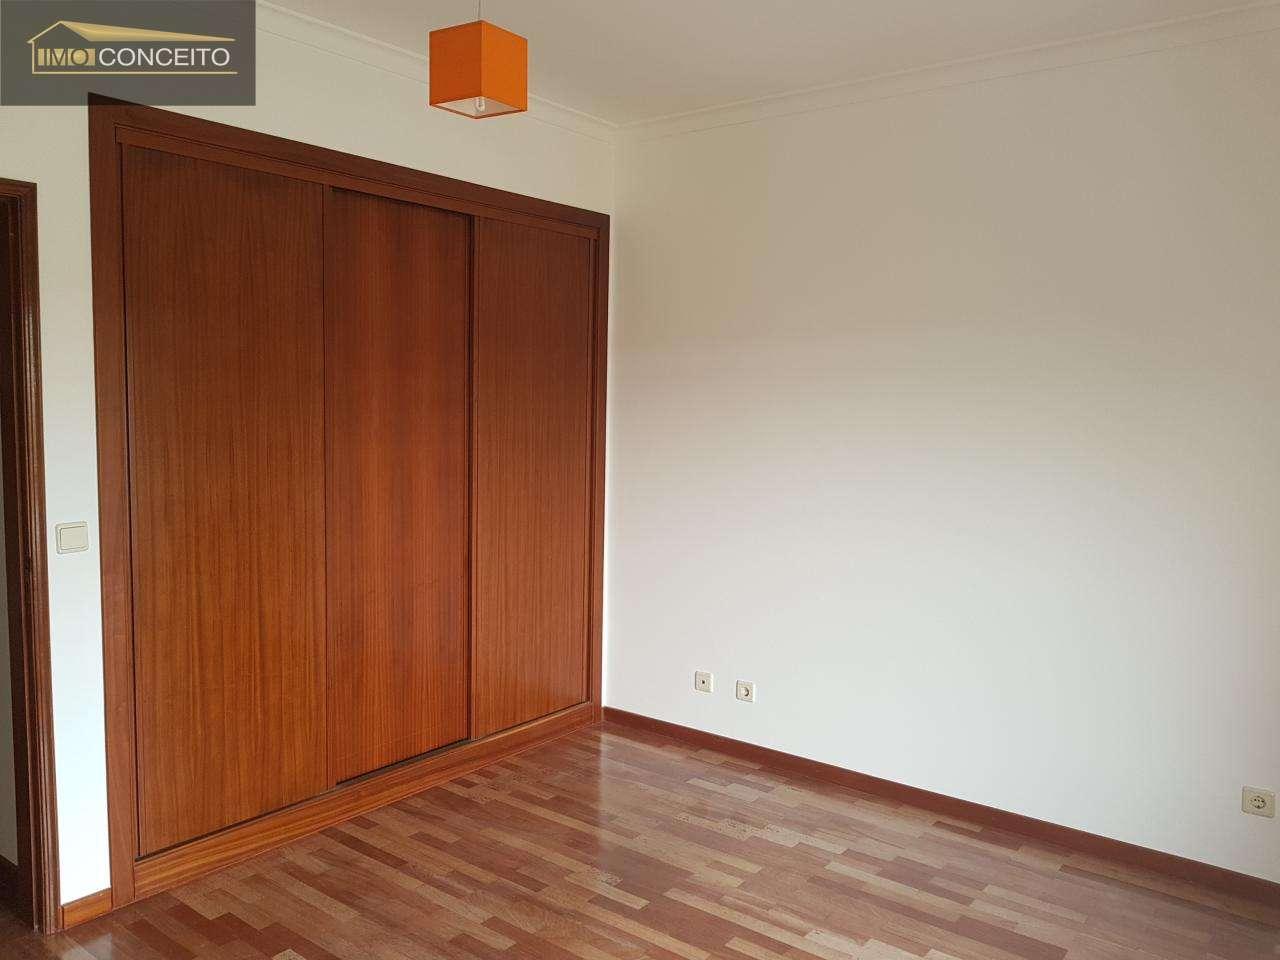 Apartamento para comprar, Nossa Senhora de Fátima, Entroncamento, Santarém - Foto 16